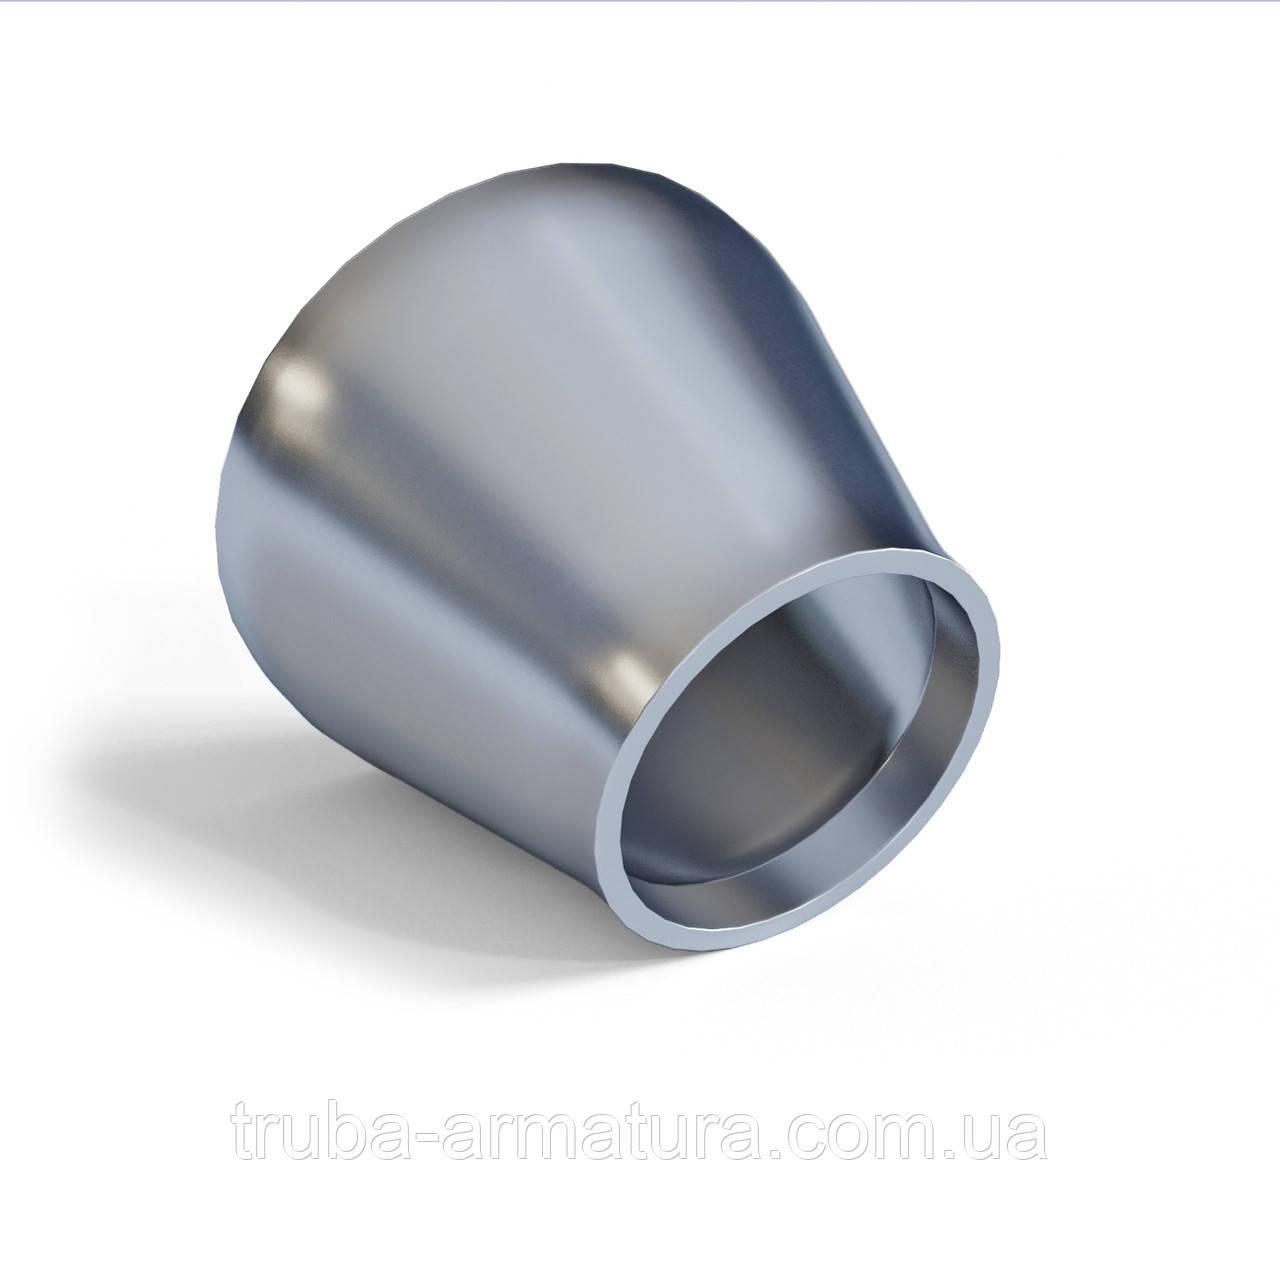 Переход оцинкованный стальной для труб 33x21 (25x15)